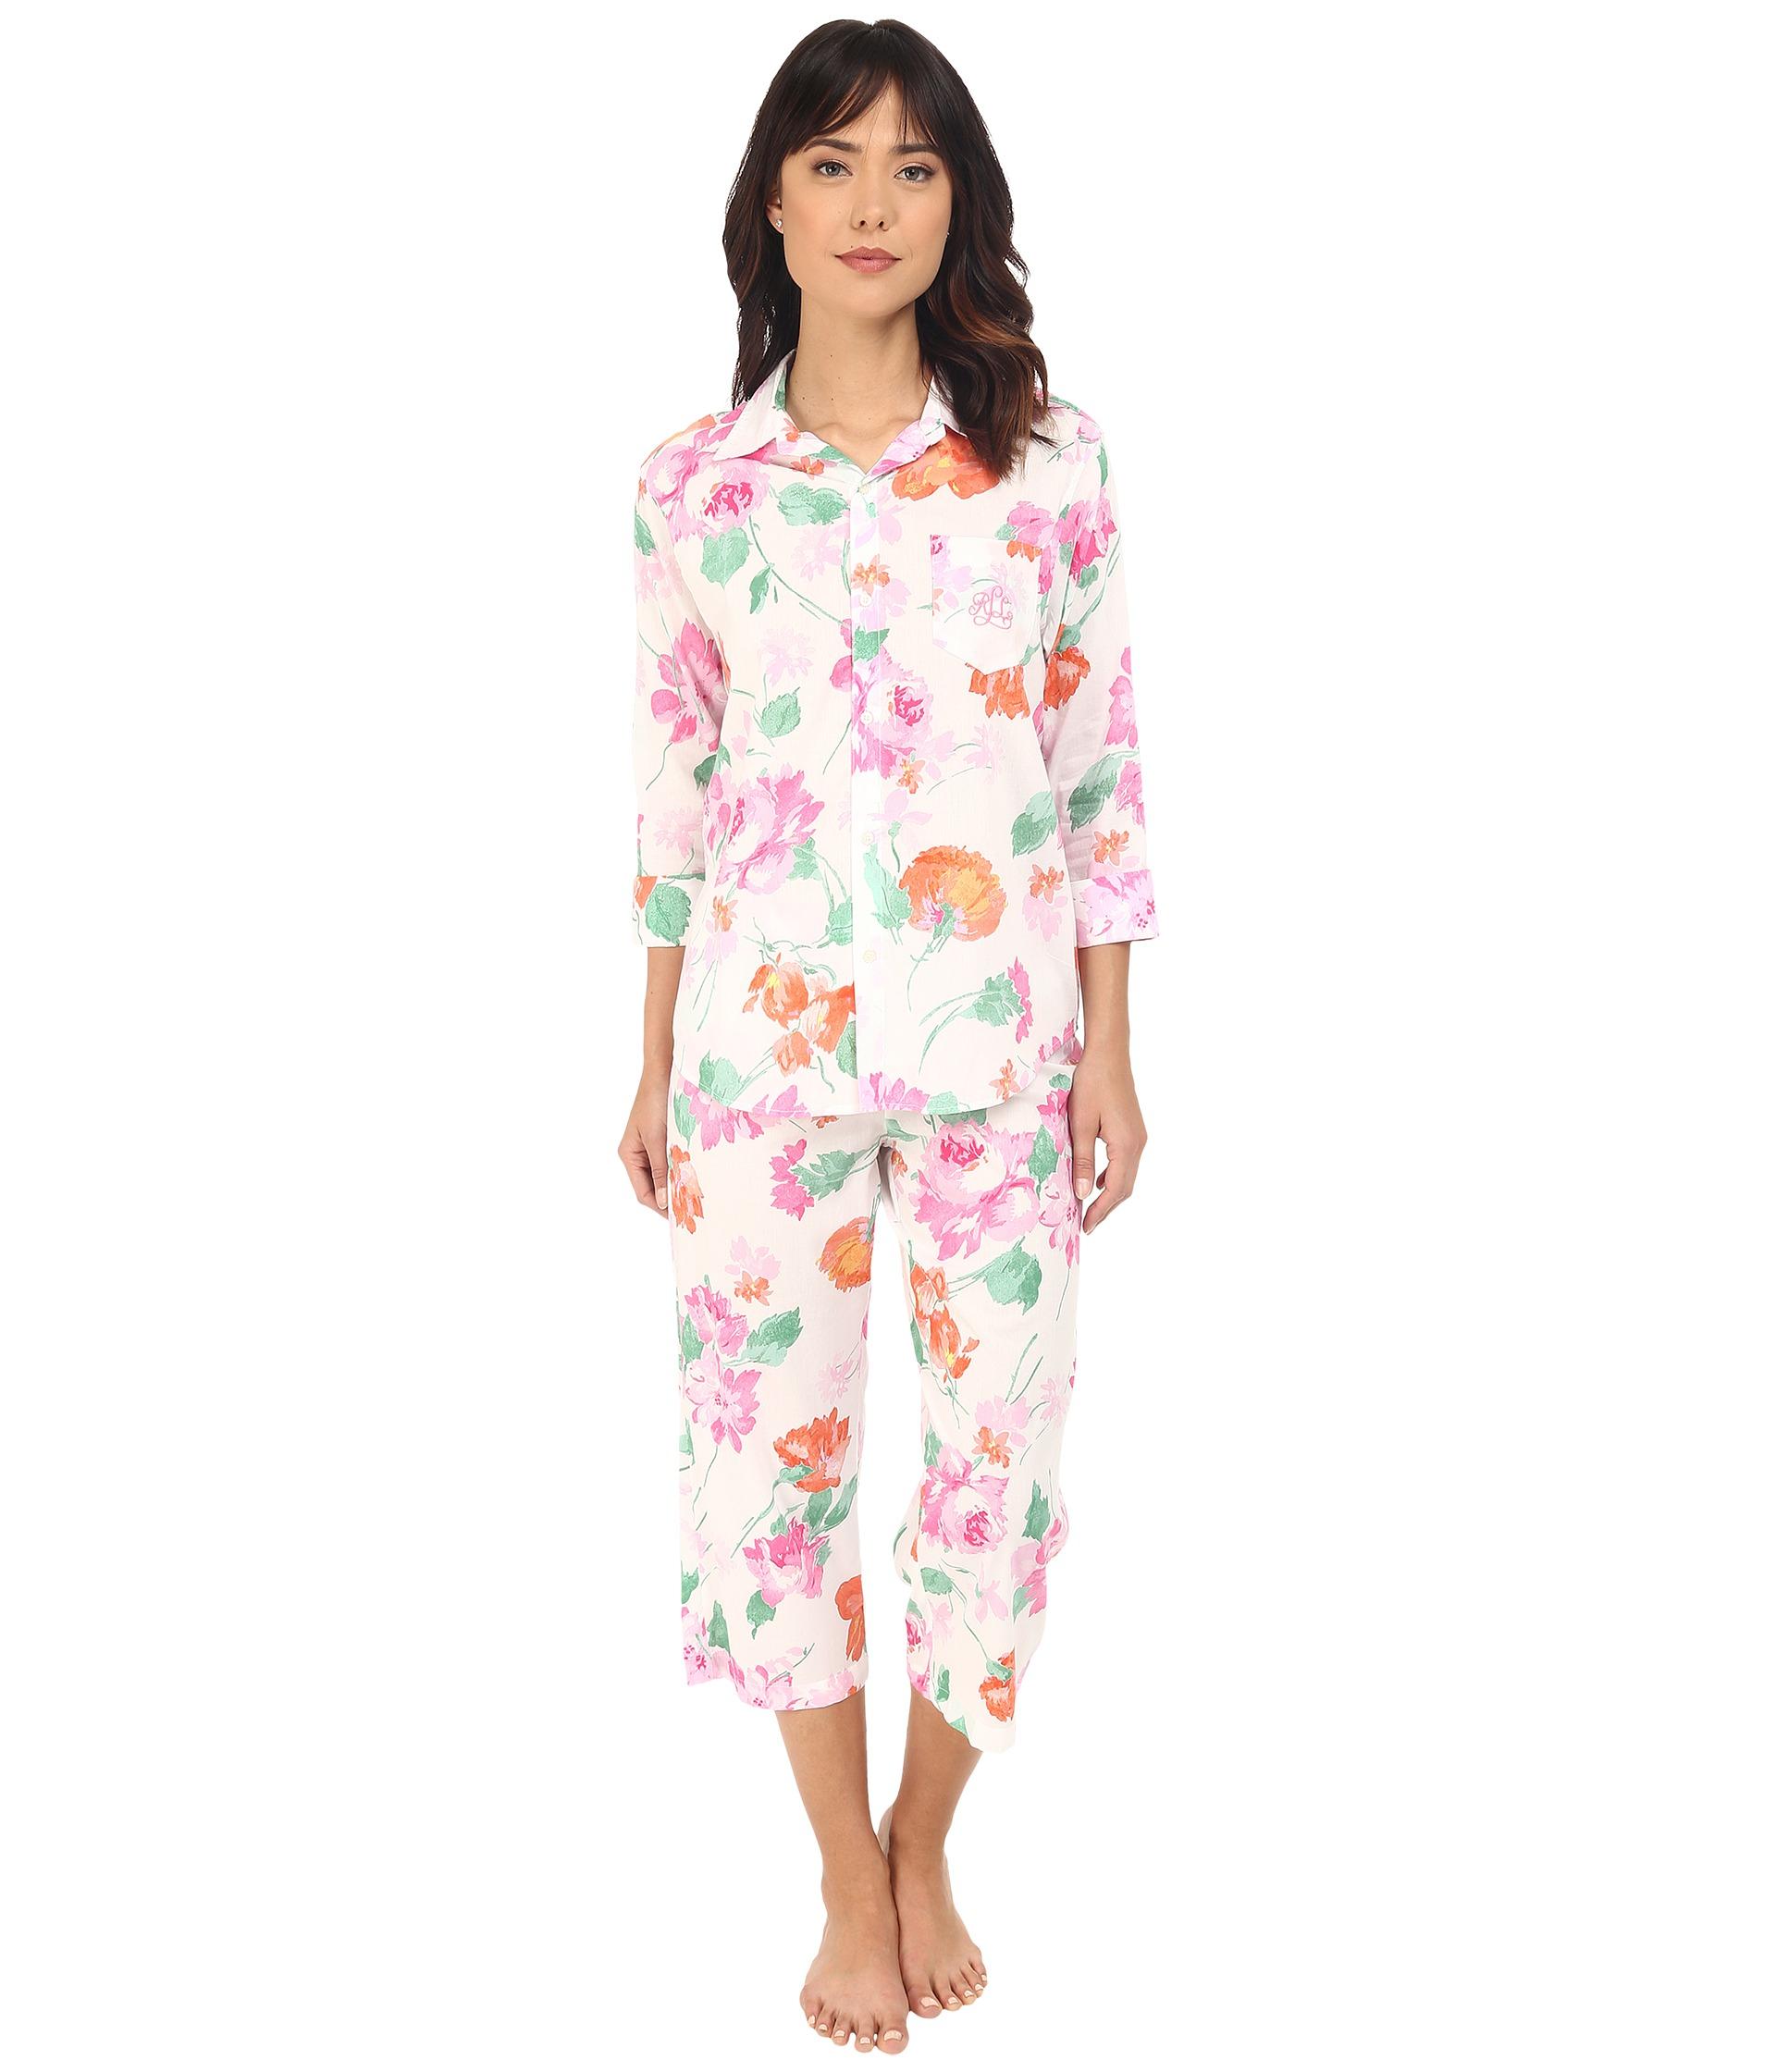 3b8d850ac35 Lauren by Ralph Lauren Cotton Lawn 3 4 Sleeve Capris Pajama Set - Lyst